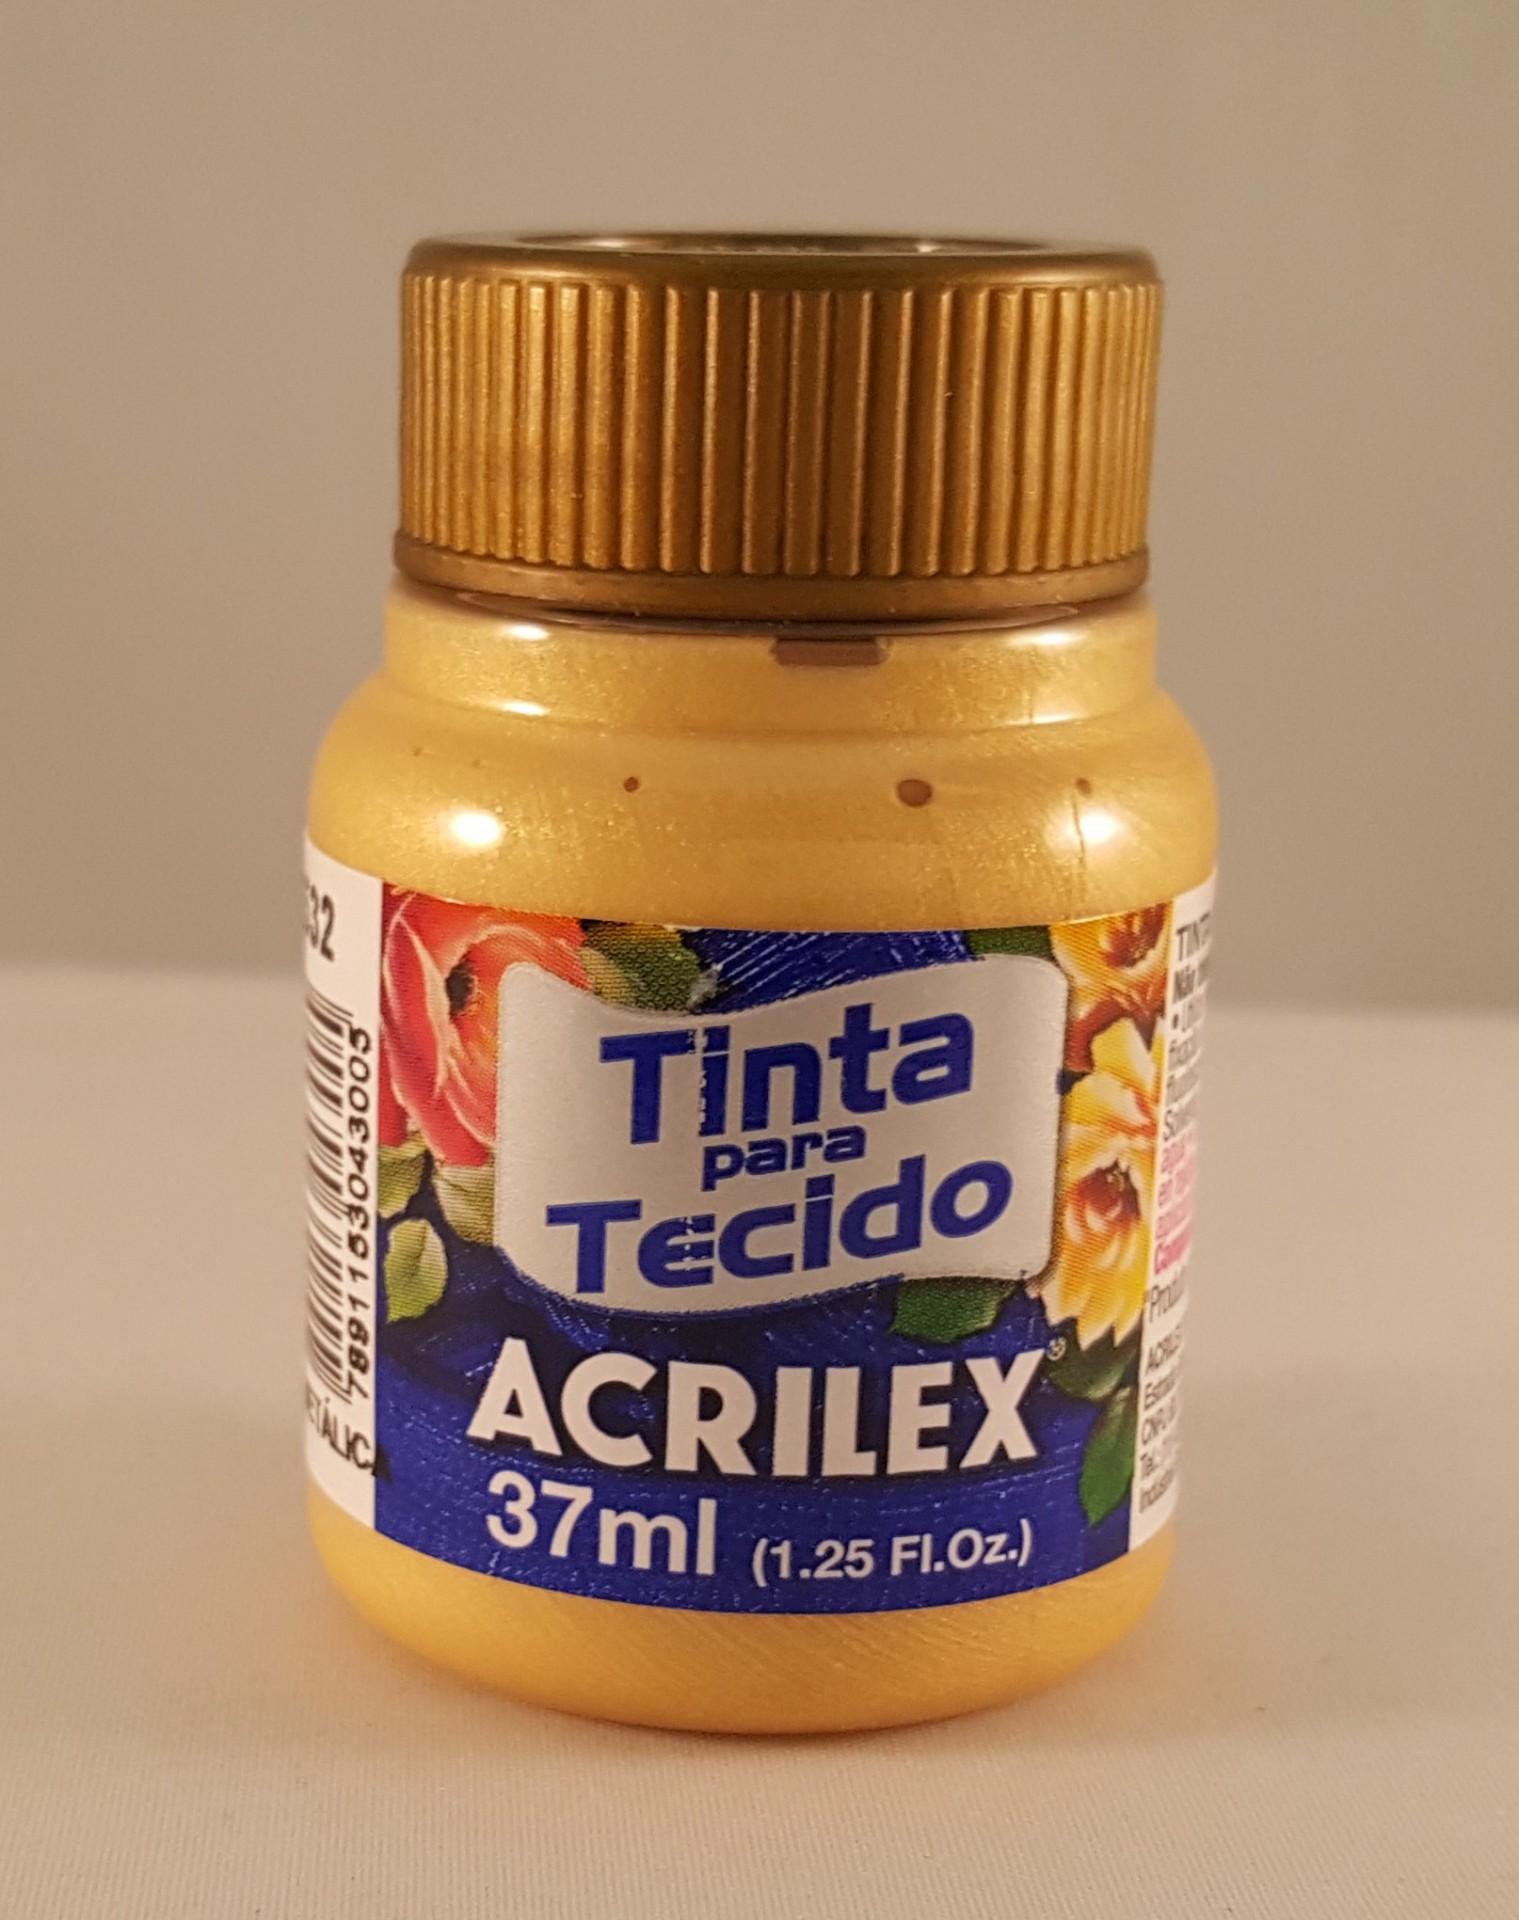 Tinta Tecido Acrilex metálica ouro 532